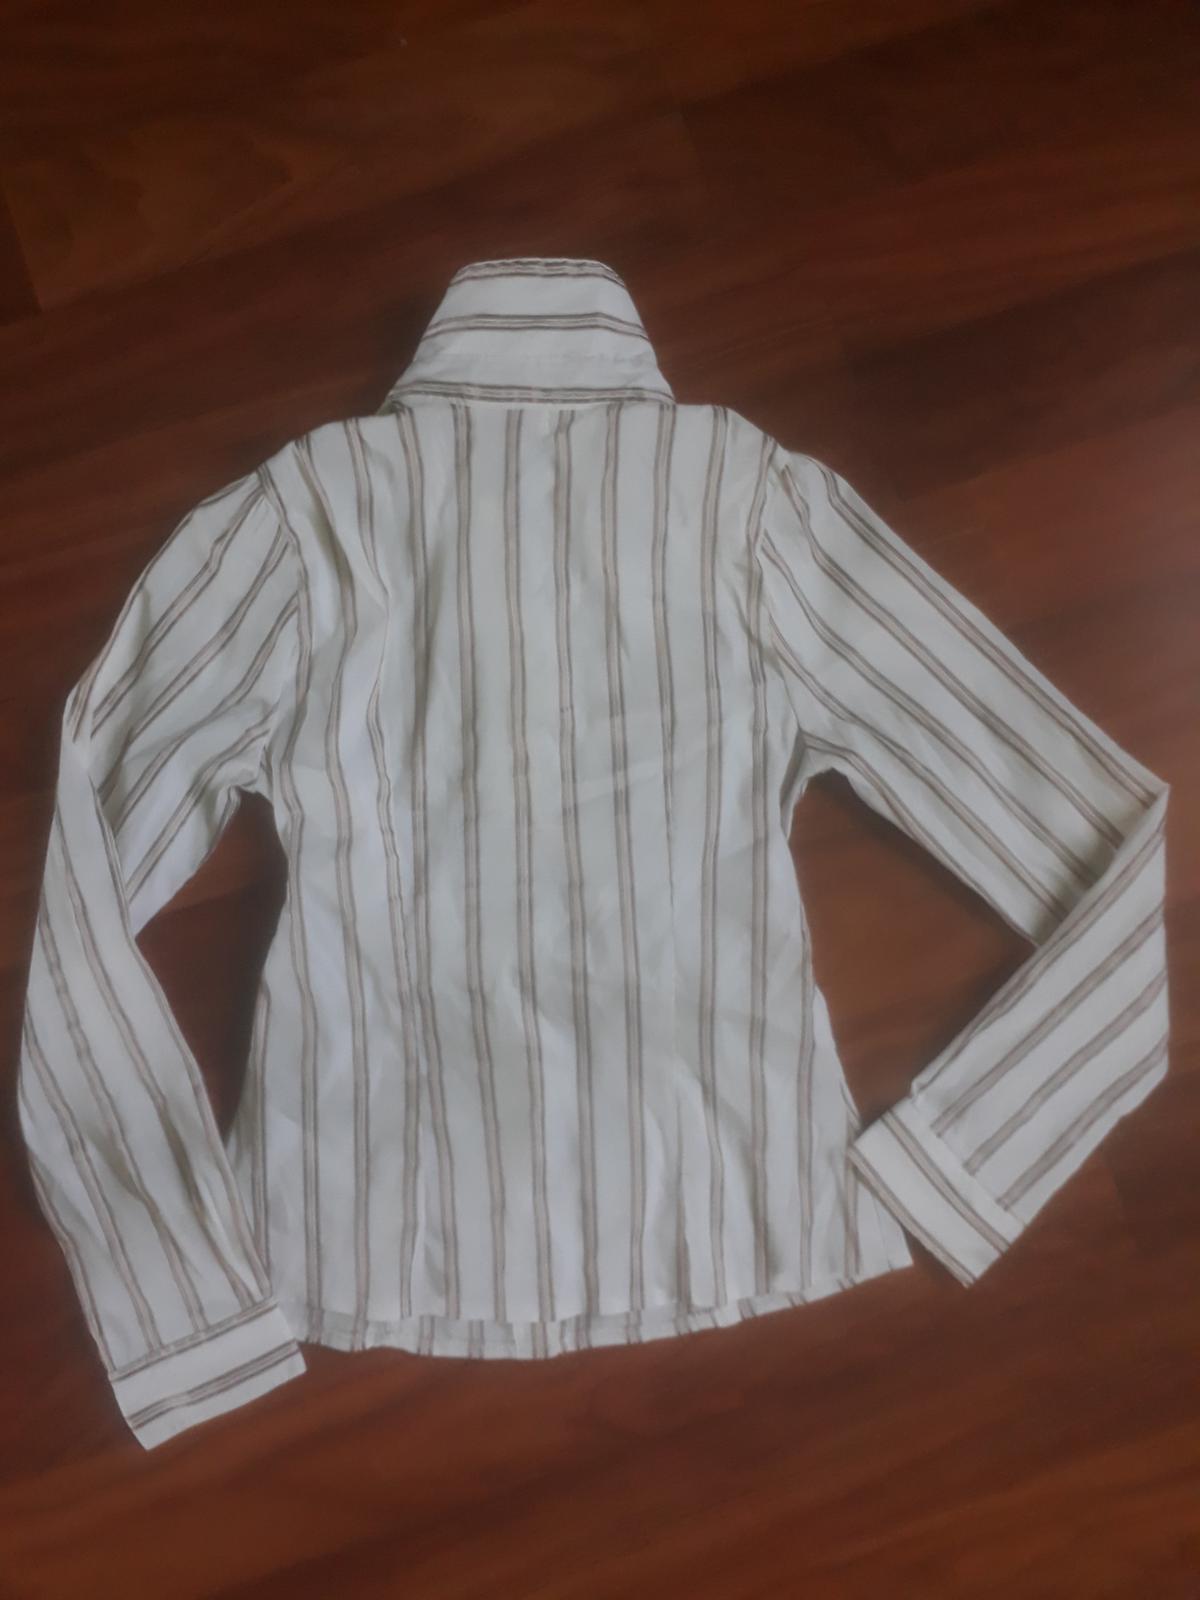 Dámská košile Orsay, vel 40 - Obrázek č. 1